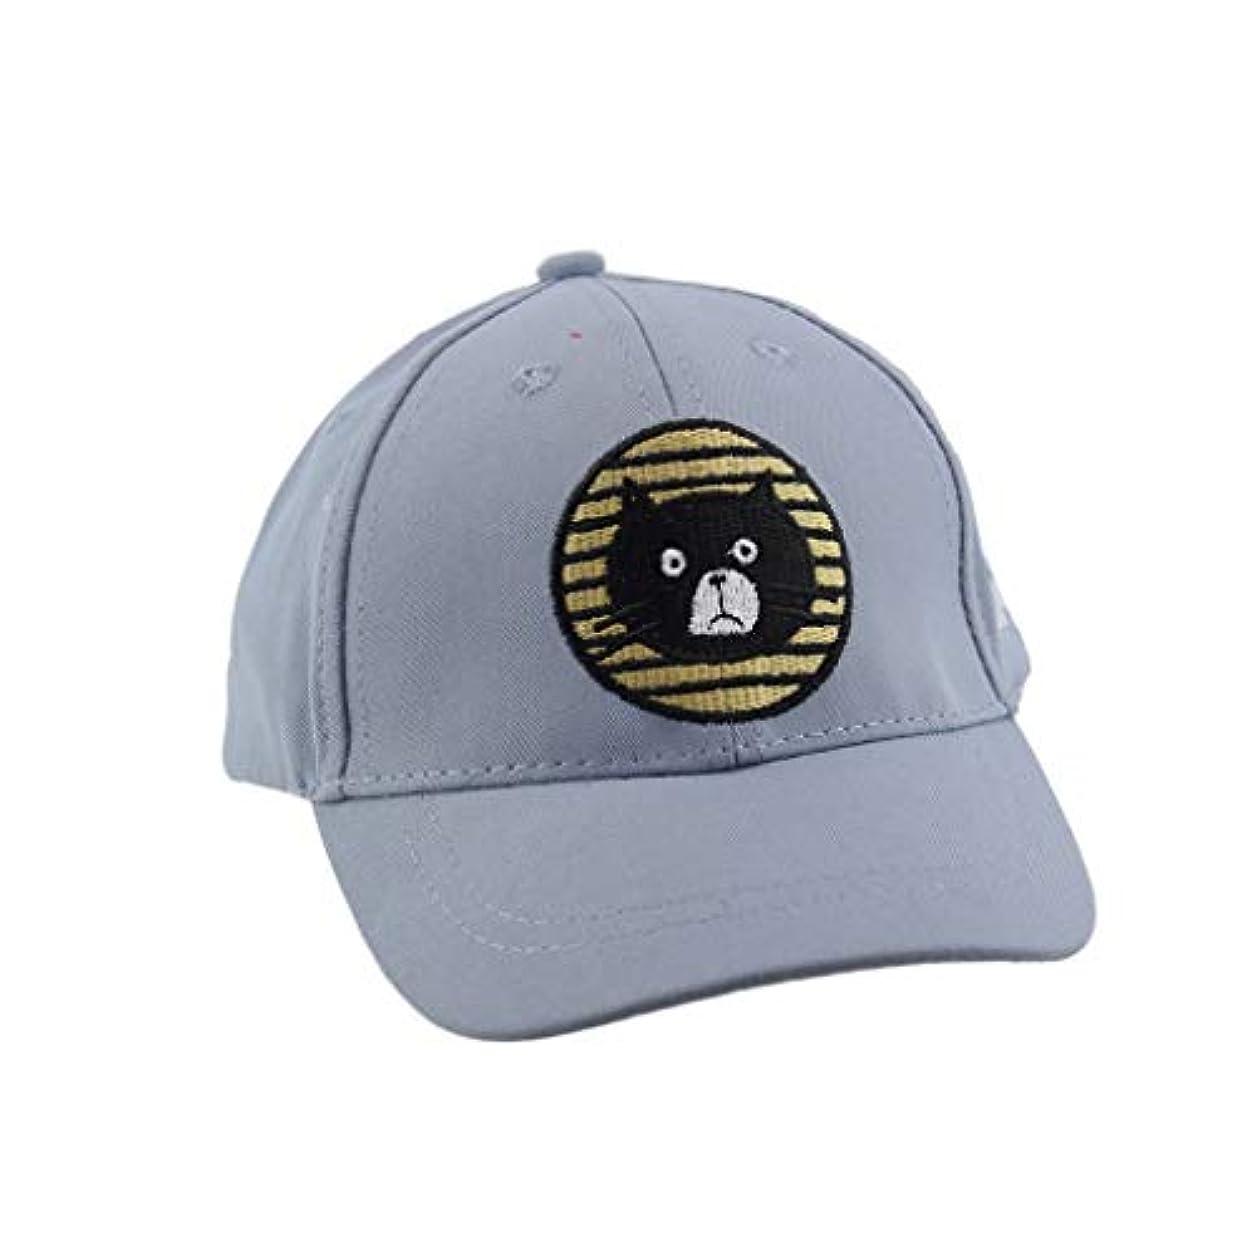 プラットフォームシャワー量でKaiweini 春夏新しい漁夫帽子供しゃれ ベビー帽 通気性抜群 日除け UVカット 紫外線対策スポーツ帽子男女兼用 速乾 軽薄 日よけ野球帽